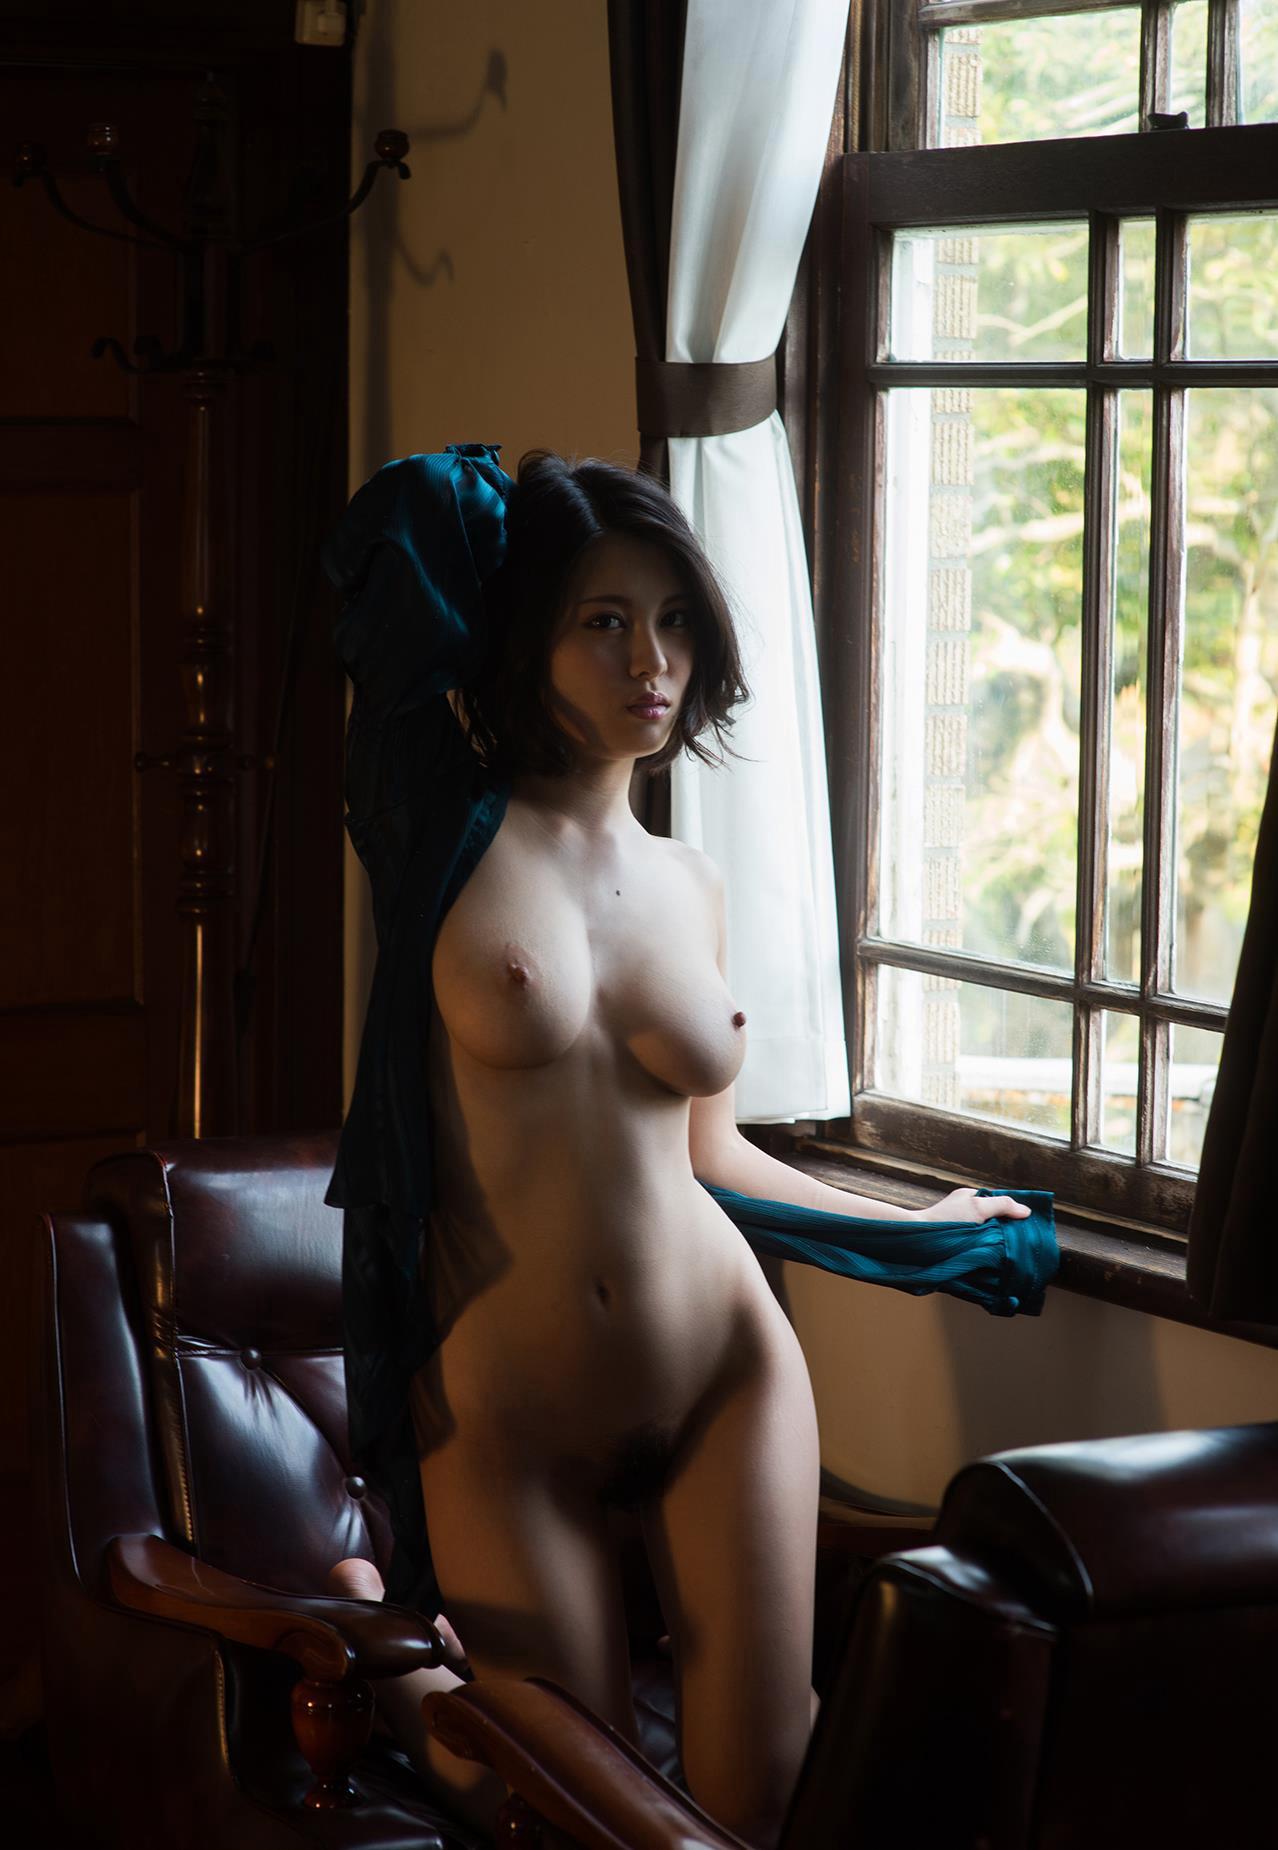 窓を片っ端から見て回ったら必ず見れるこの光景wwwwwww(画像あり)・10枚目